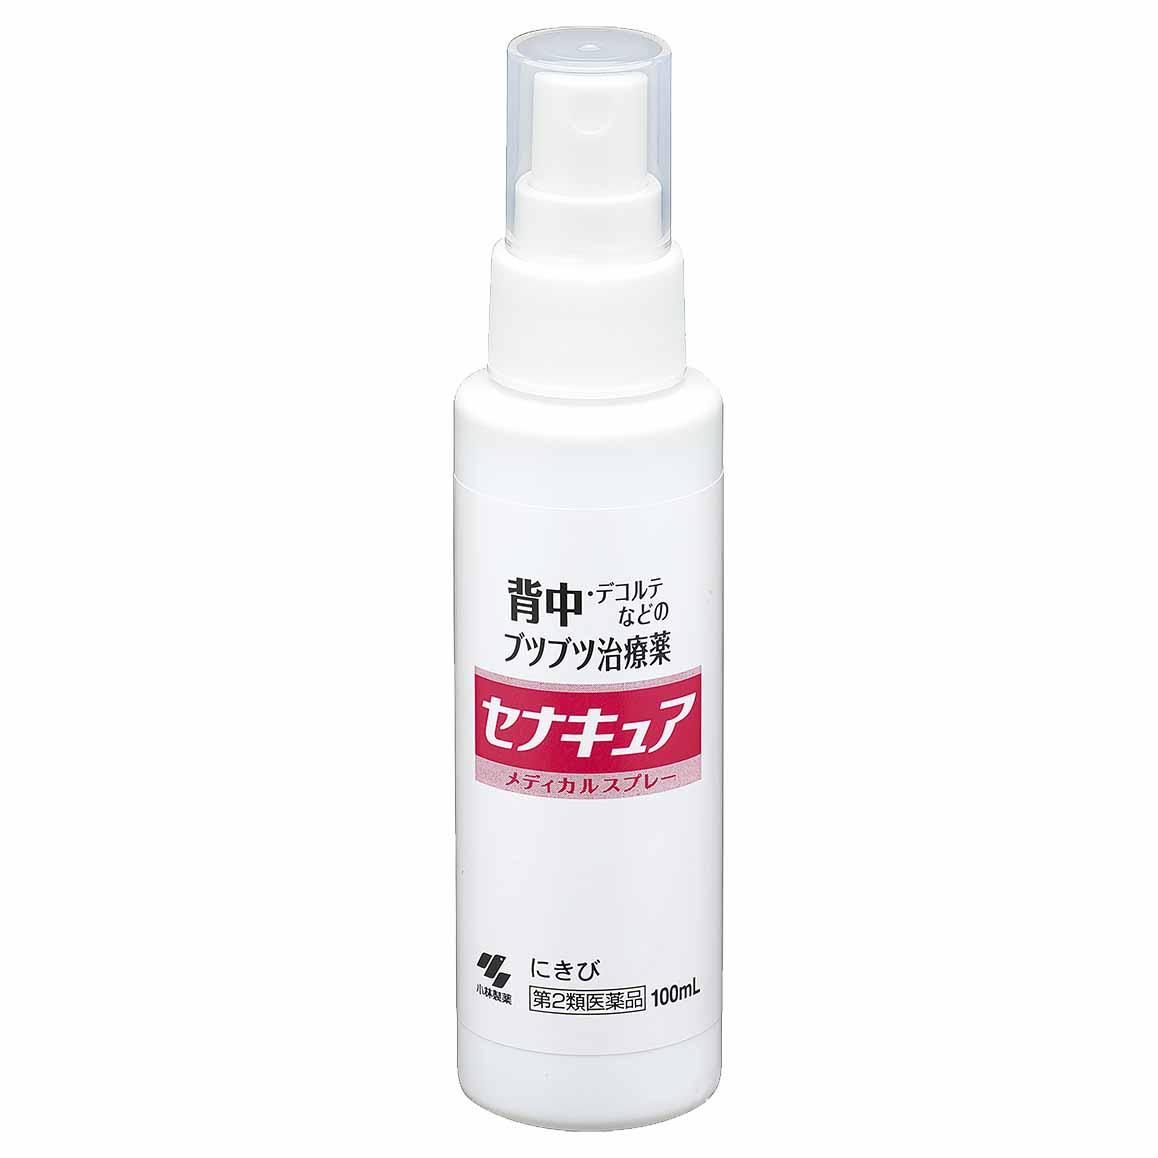 セナキュア(第2類医薬品)